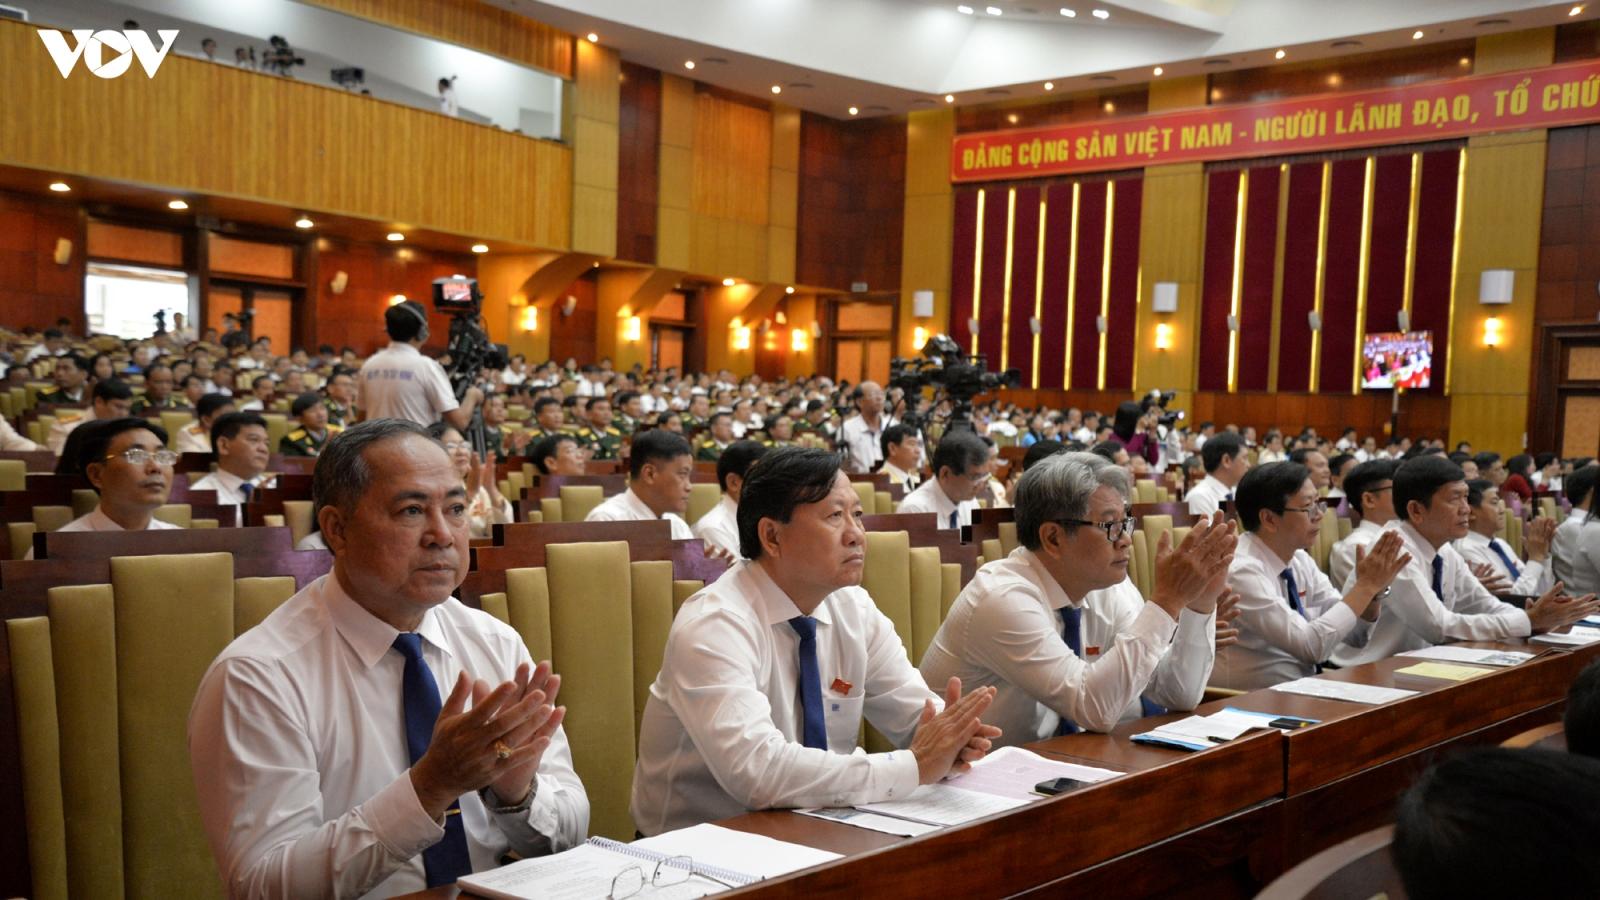 17 nhiệm vụ trọng tâm đưa Tây Ninh trở thành tỉnh phát triển khá